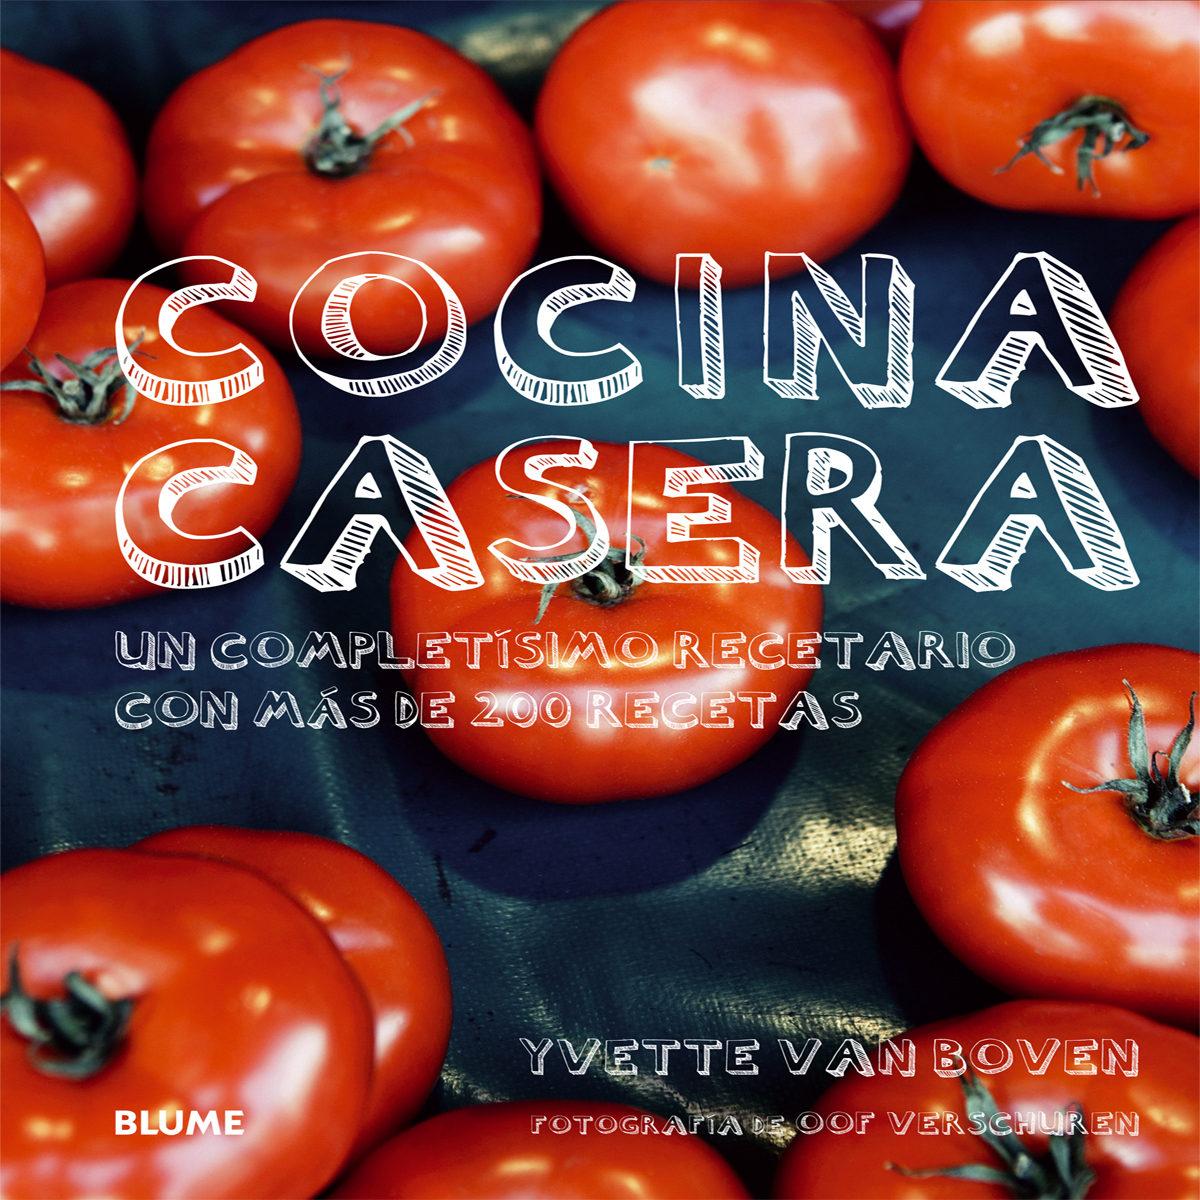 Cocina Casera   Pe Cocina Casera Yvette Van Boven Comprar Libro 9788416138517